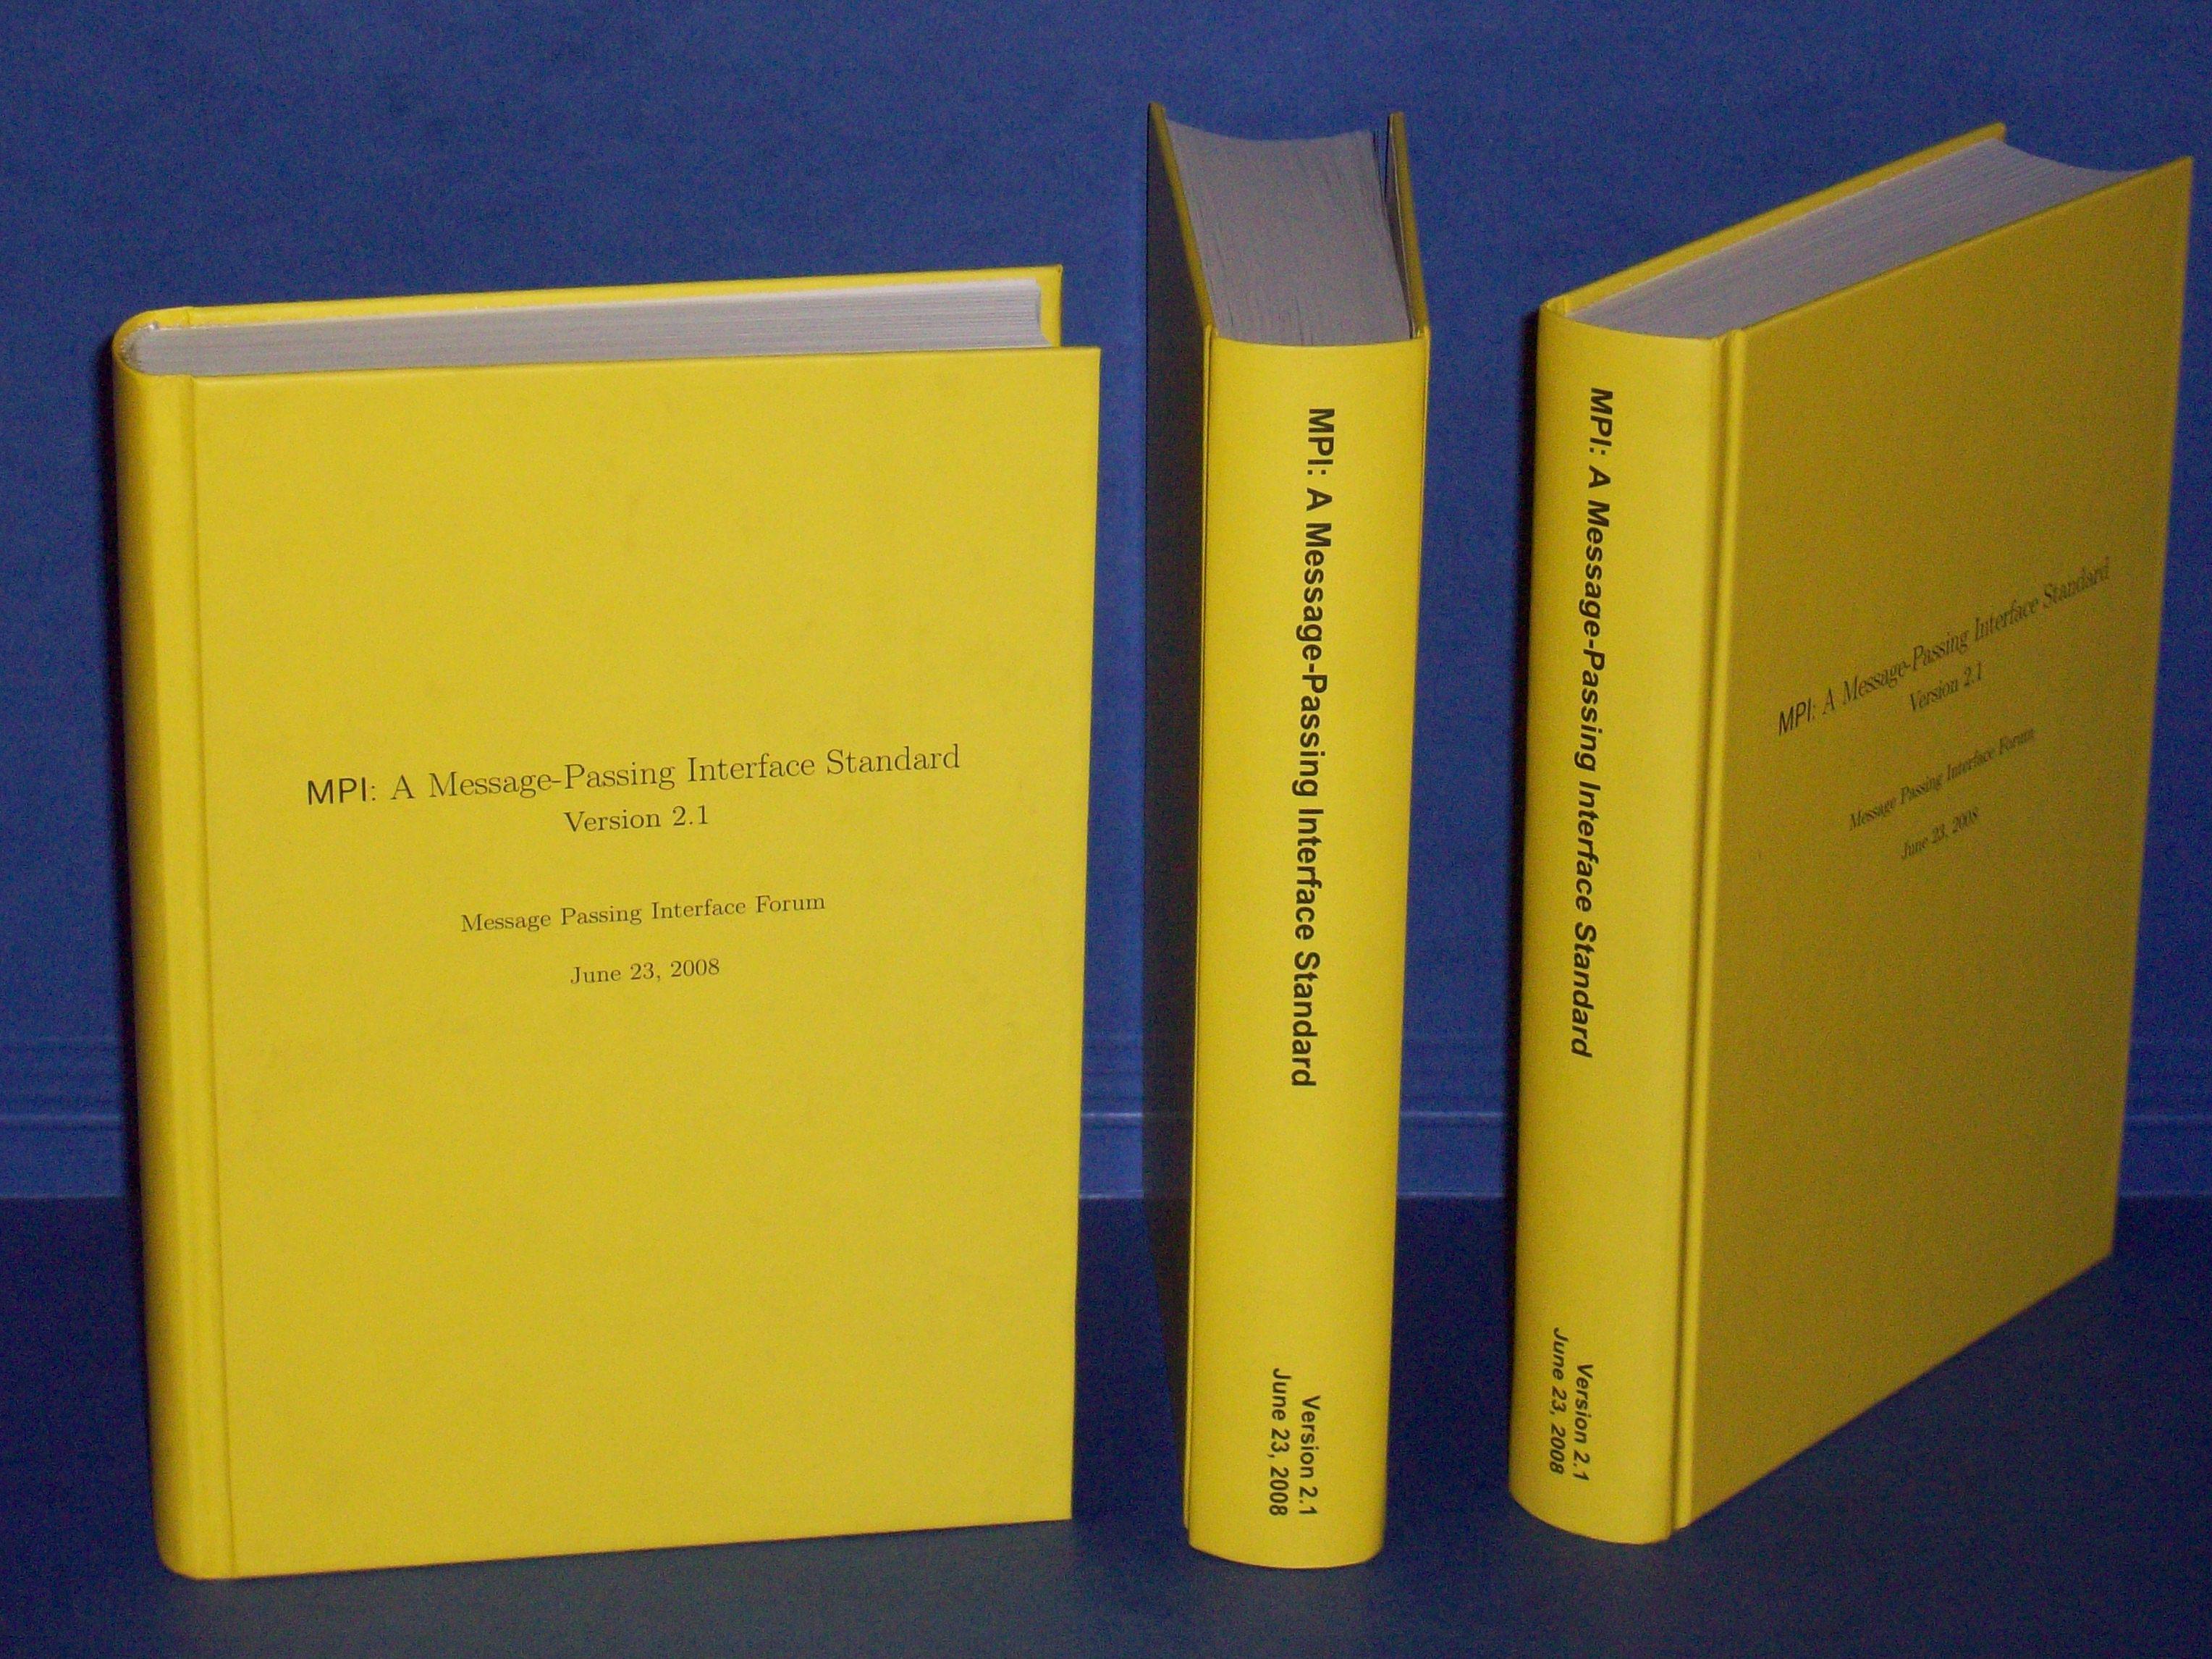 MPI 21 Hardcover Book